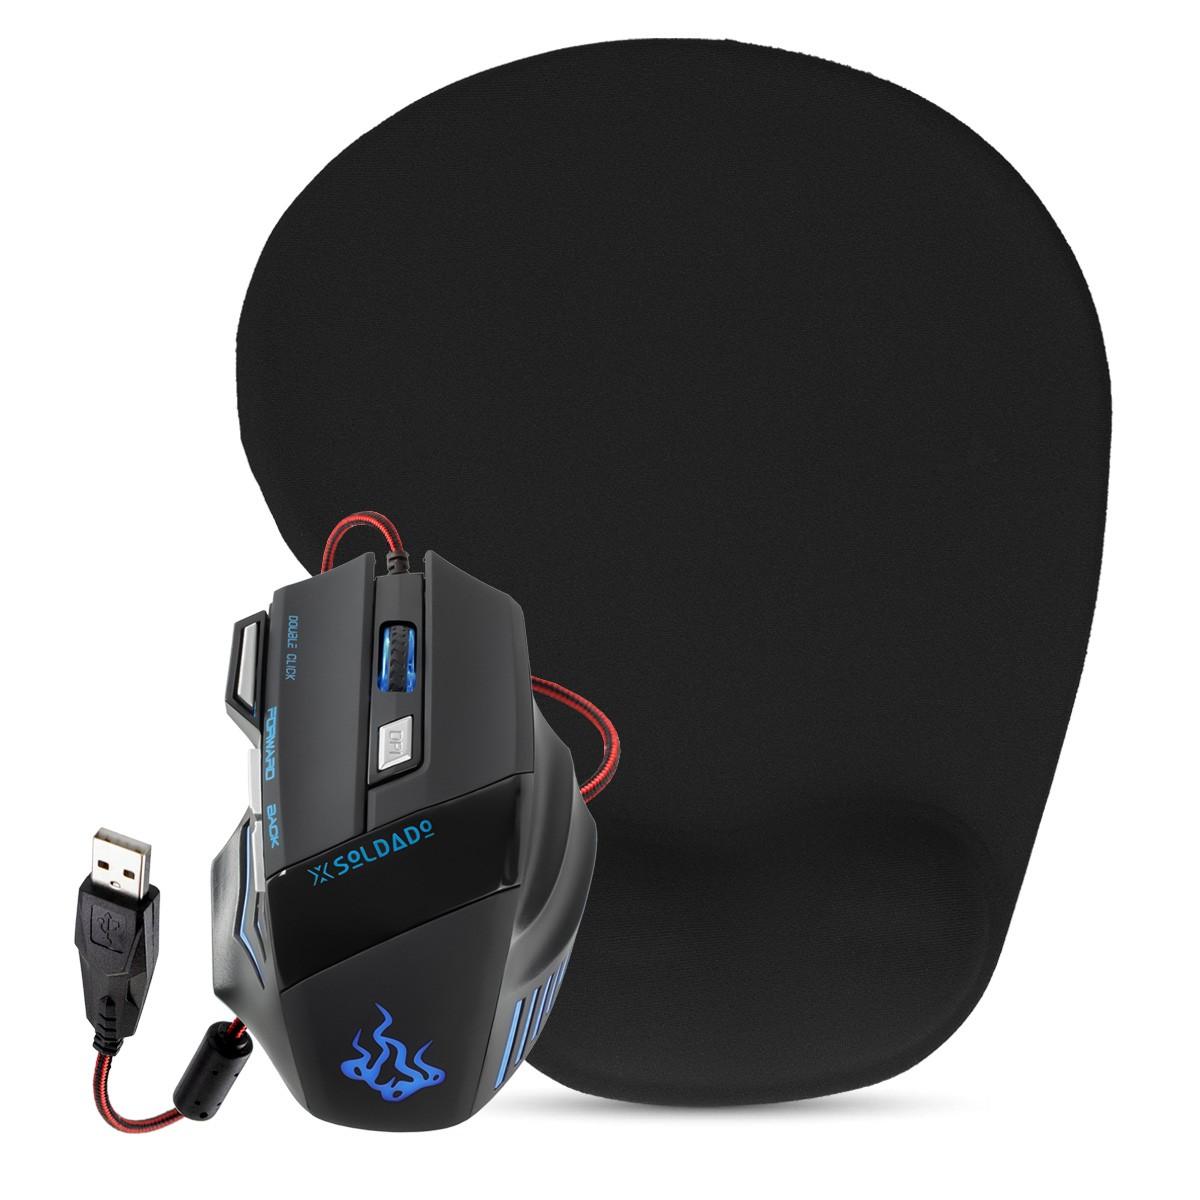 KIT Mouse Gamer LED USB 7 Botões DPI Ajustável GM-700 + Mouse Pad Ergonômico com Apoio de Pulso em Gel SC1006A